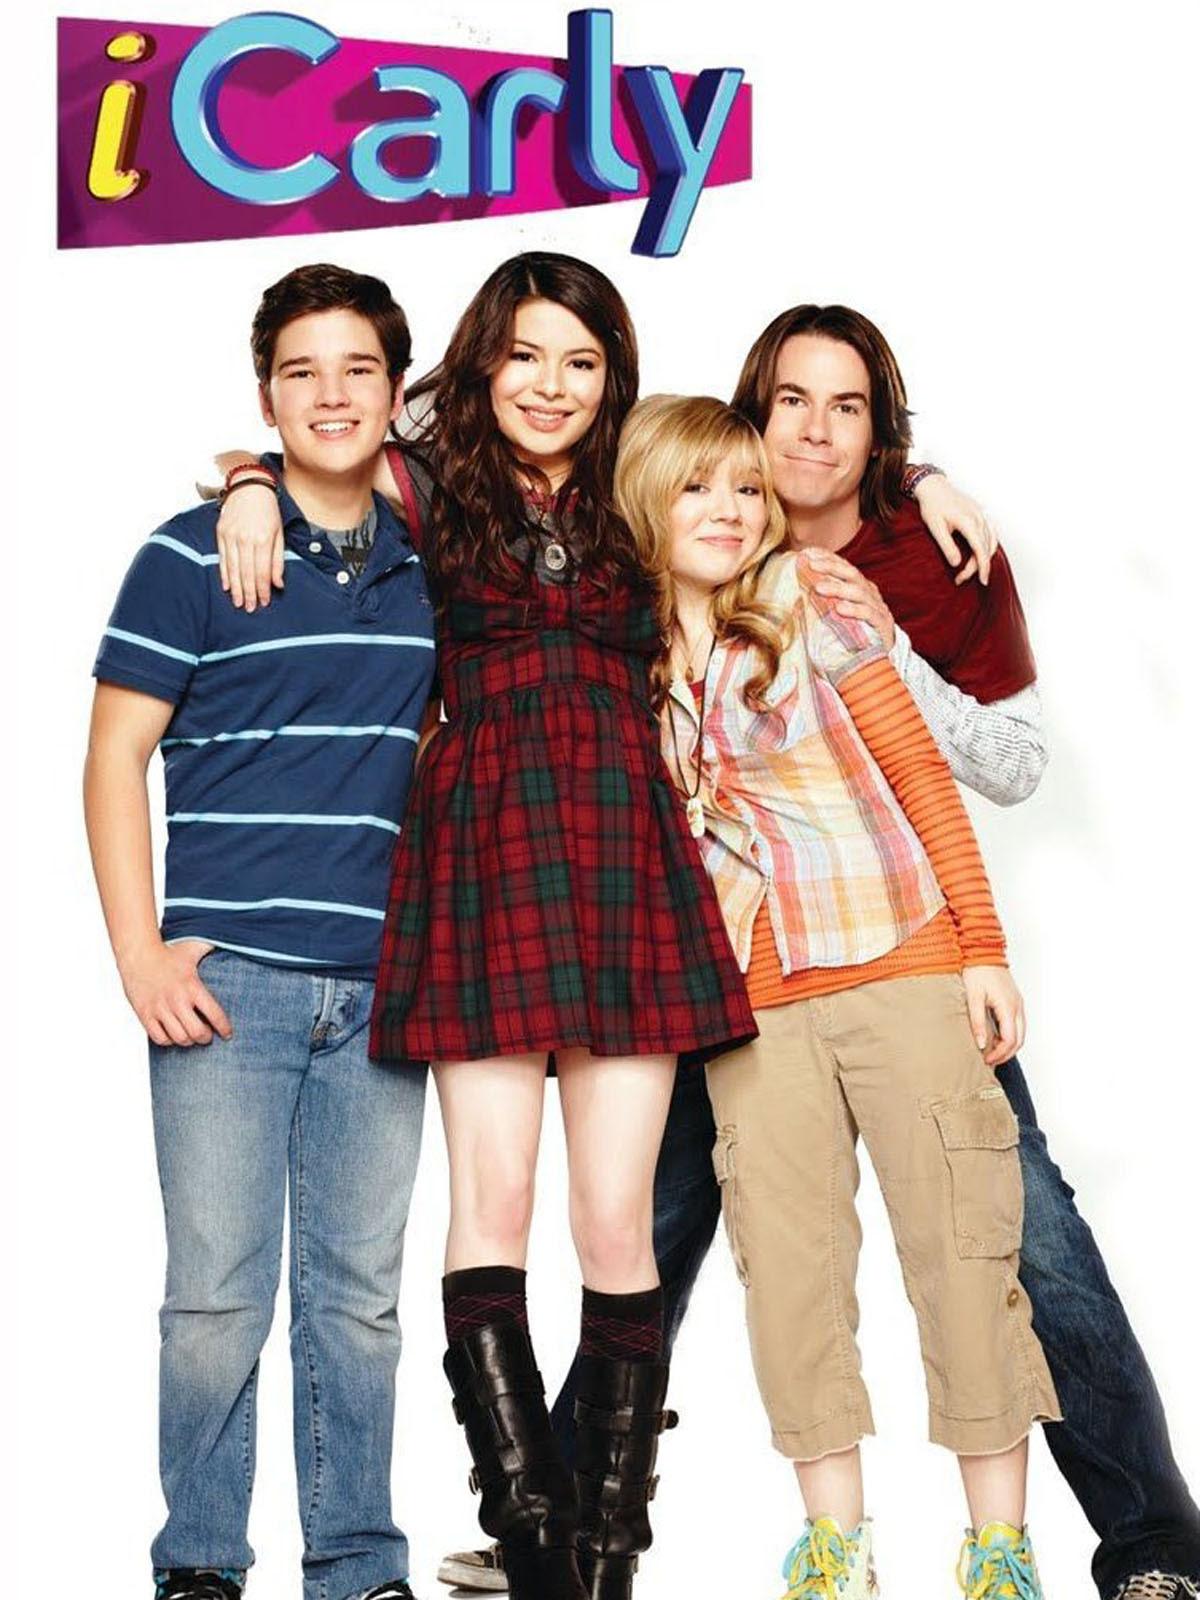 iCarly : Capítulos de la temporada 3 - SensaCine.com